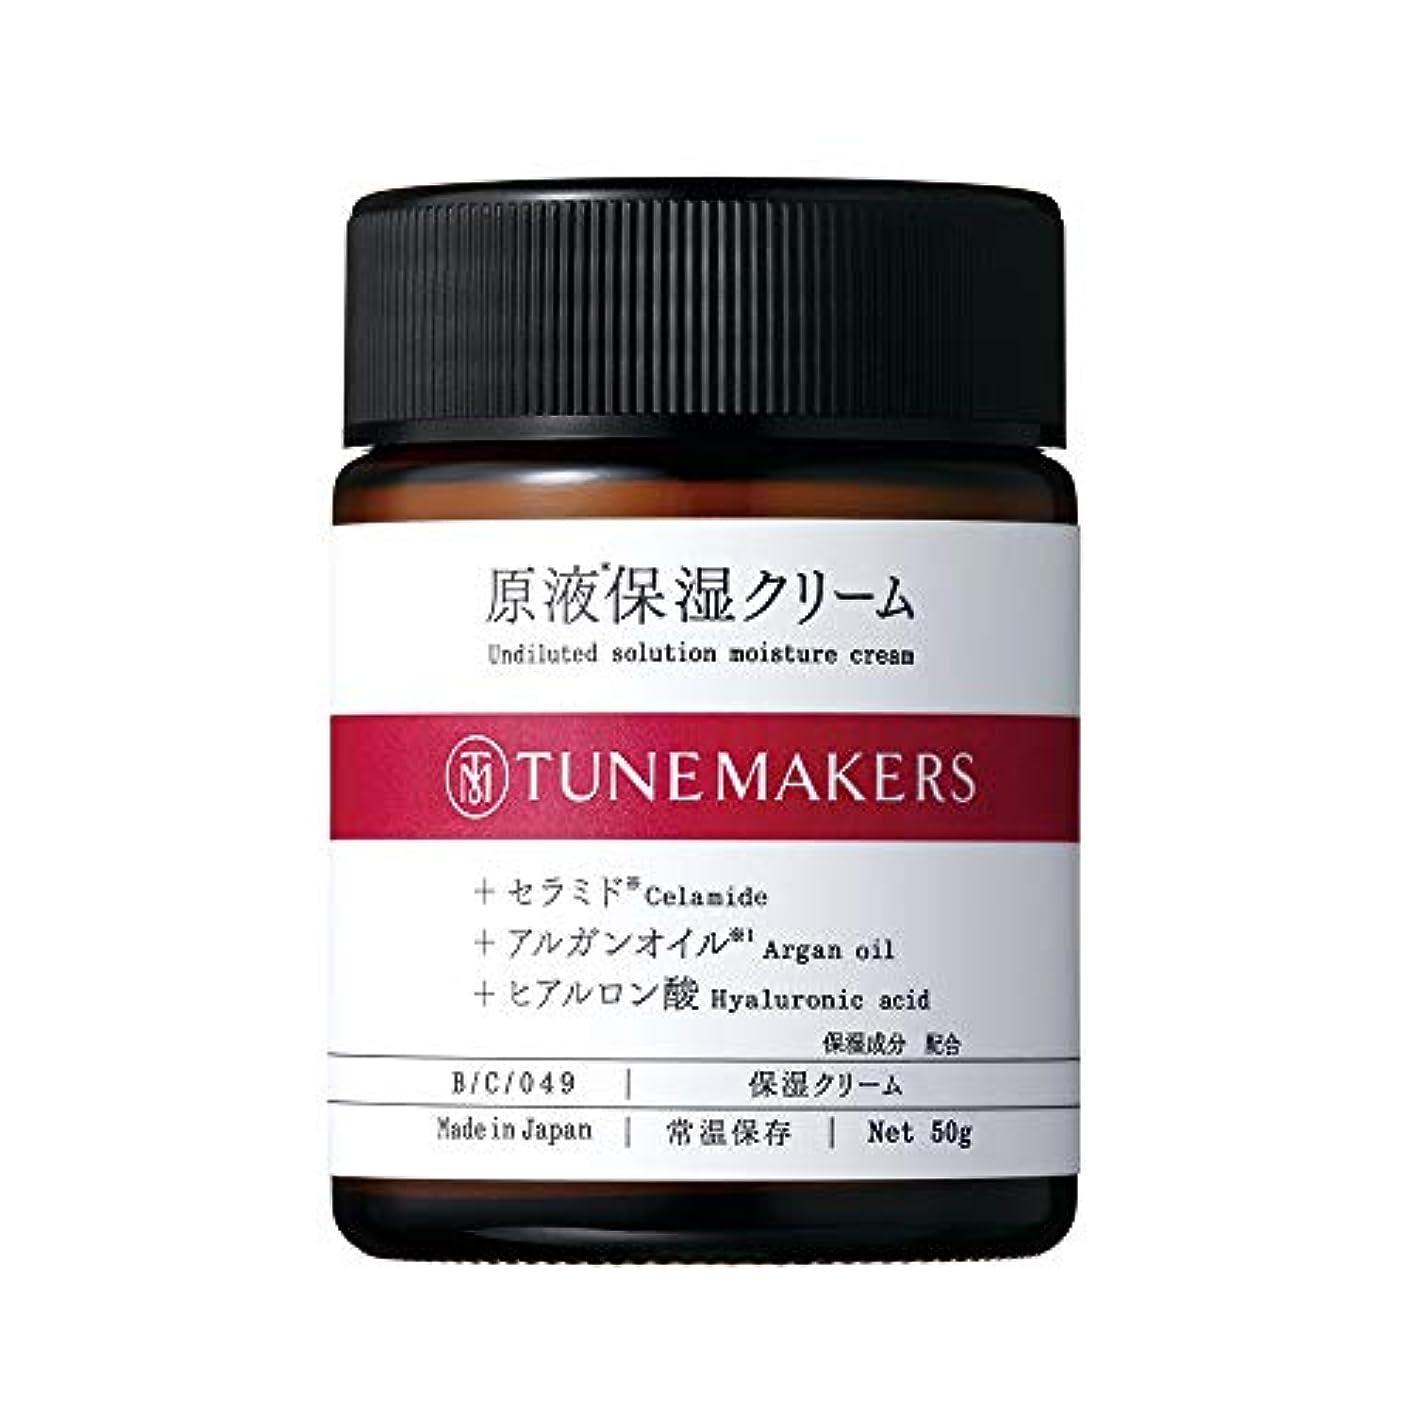 れんがオーク掃くTUNEMAKERS(チューンメーカーズ) 原液保湿クリーム 50g